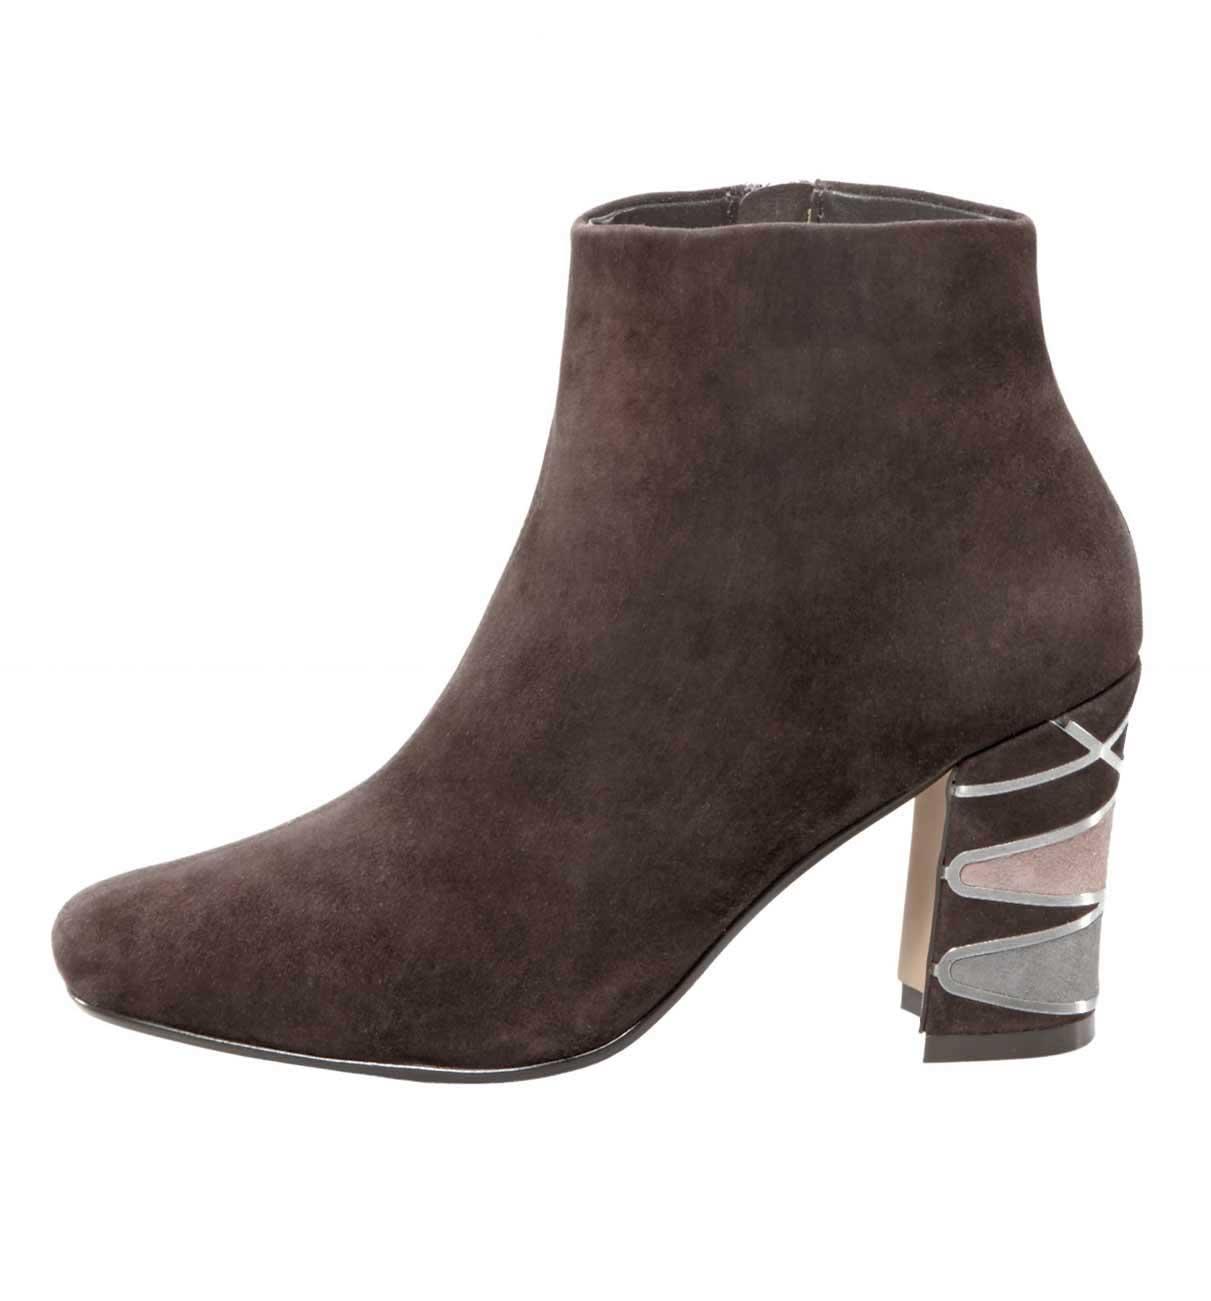 1474c4a8ce3bb Grosshandel Schuhe, Textil und Fashion Großhandel   Wiederverkäufer ...